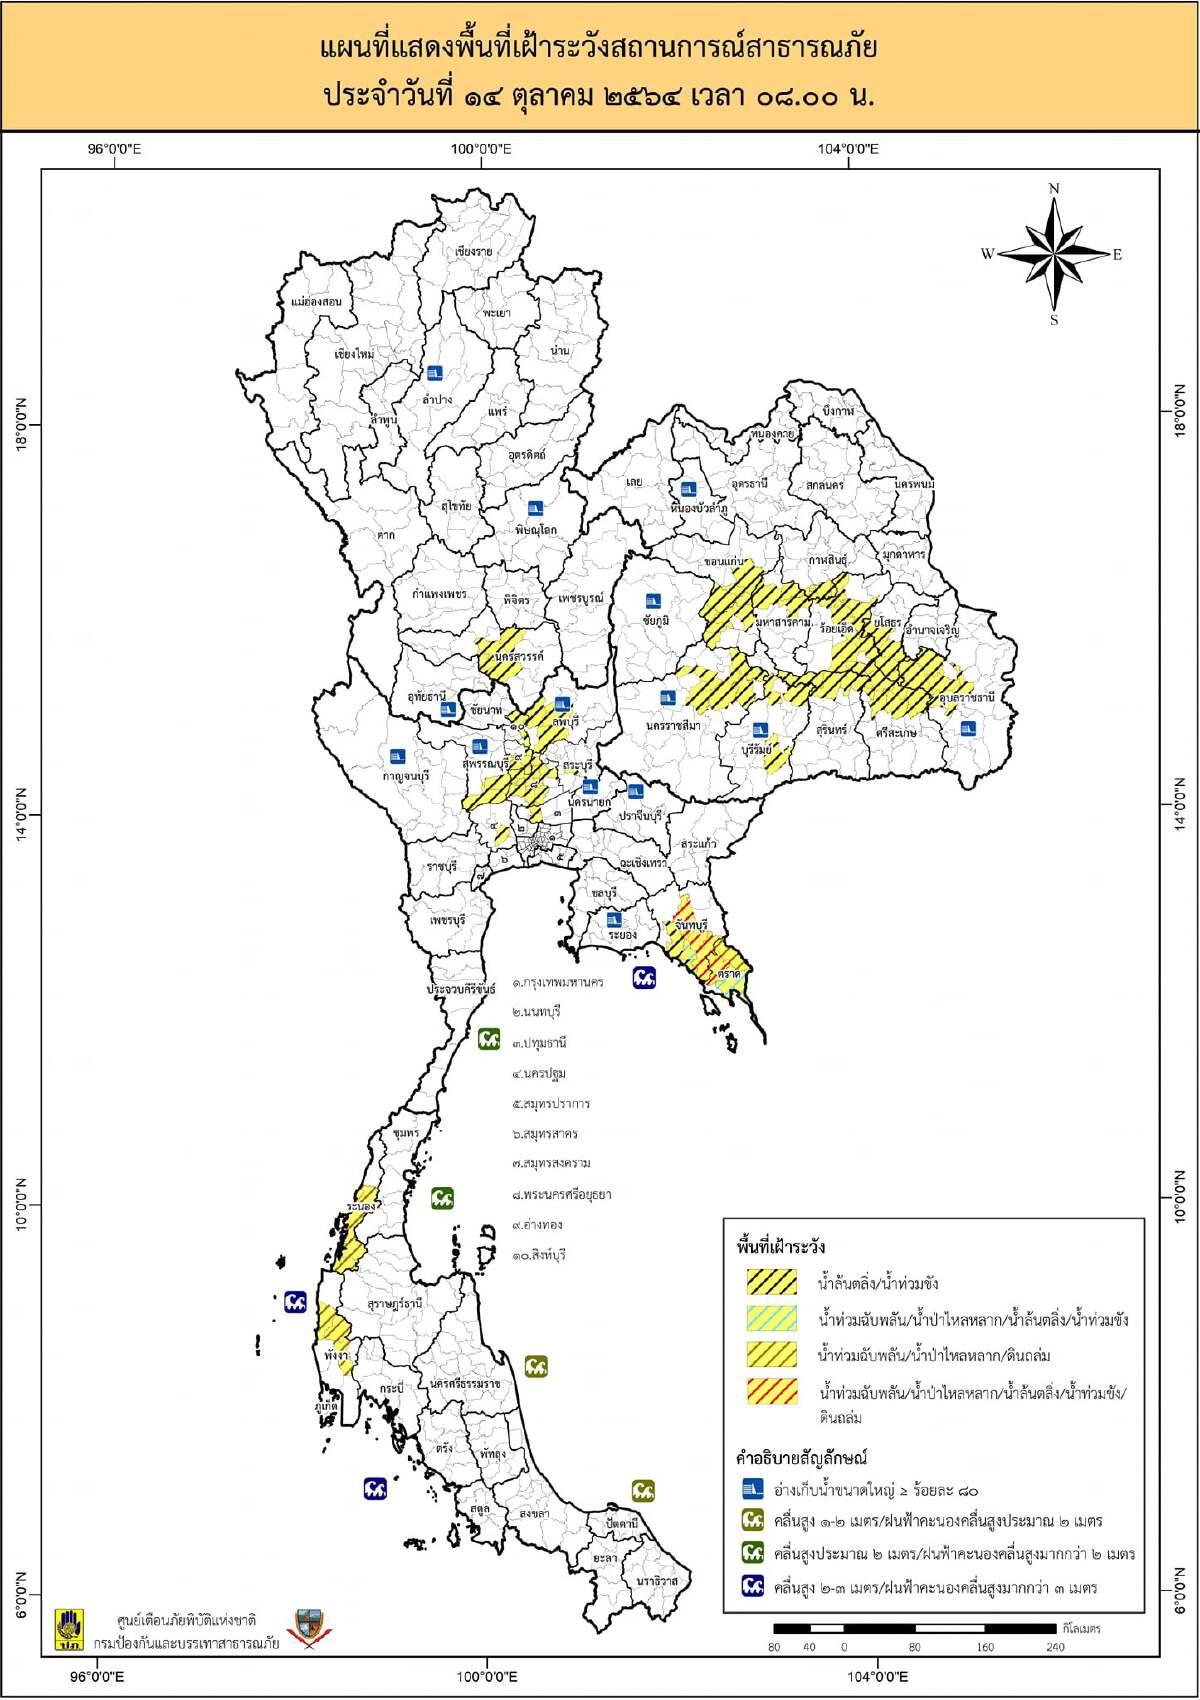 ปภ. เตือนล่าสุด 4 จว. เสี่ยงท่วมฉับพลัน - น้ำป่าหลาก เช็คเลยมีอำเภอไหนบ้าง